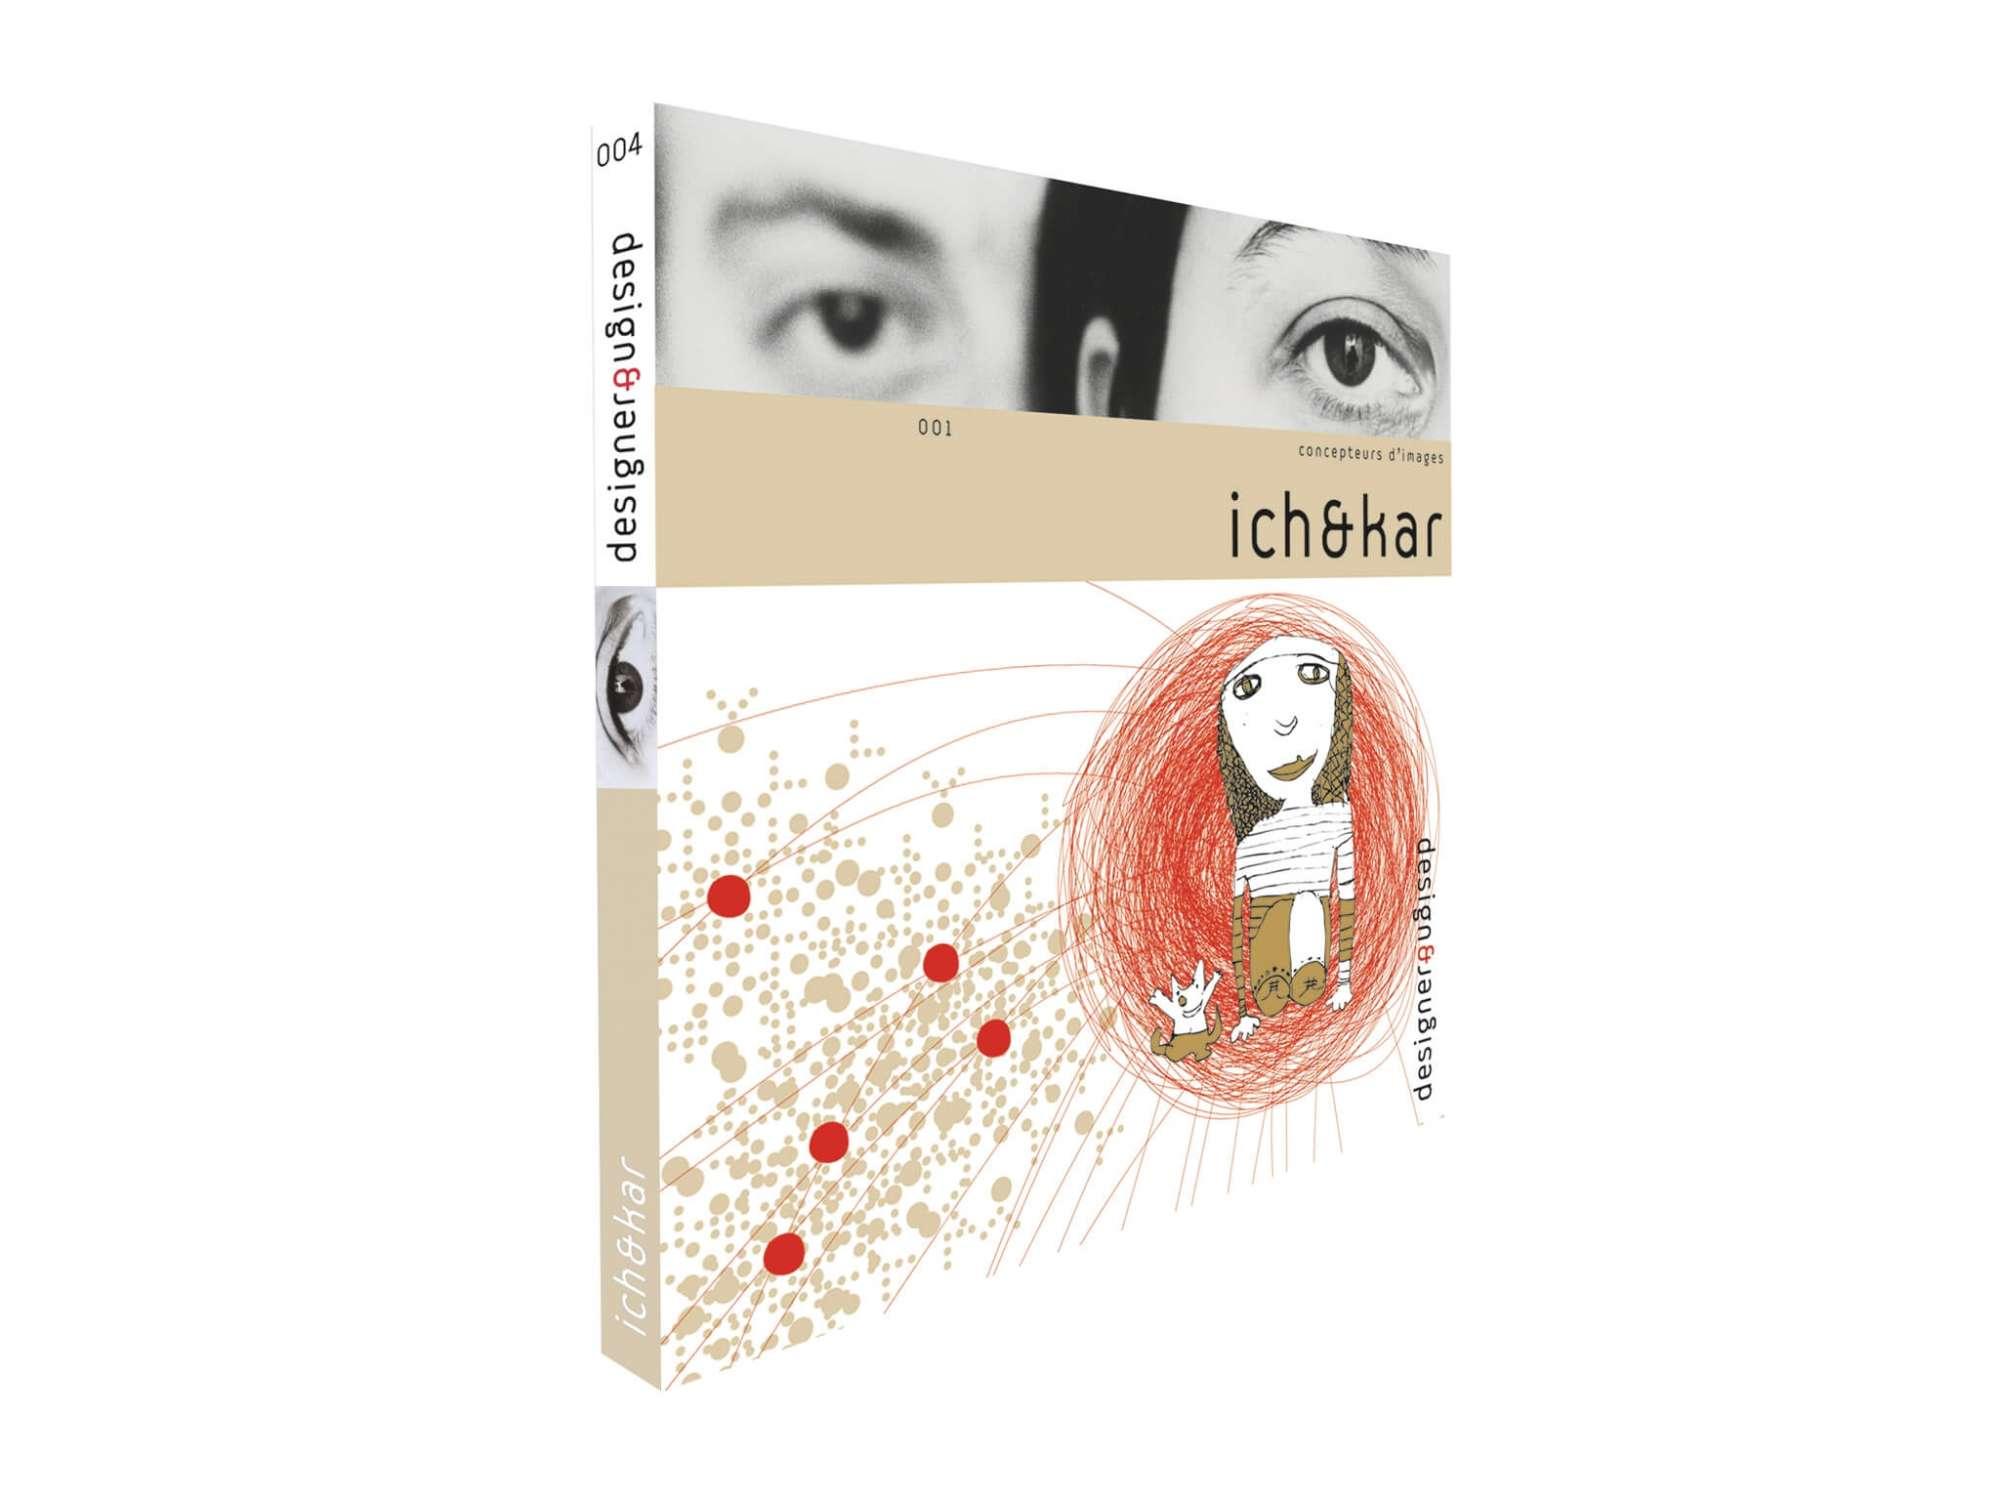 Couverture du livre ichetkar concepteurs d'images chez les éditions design et designer.